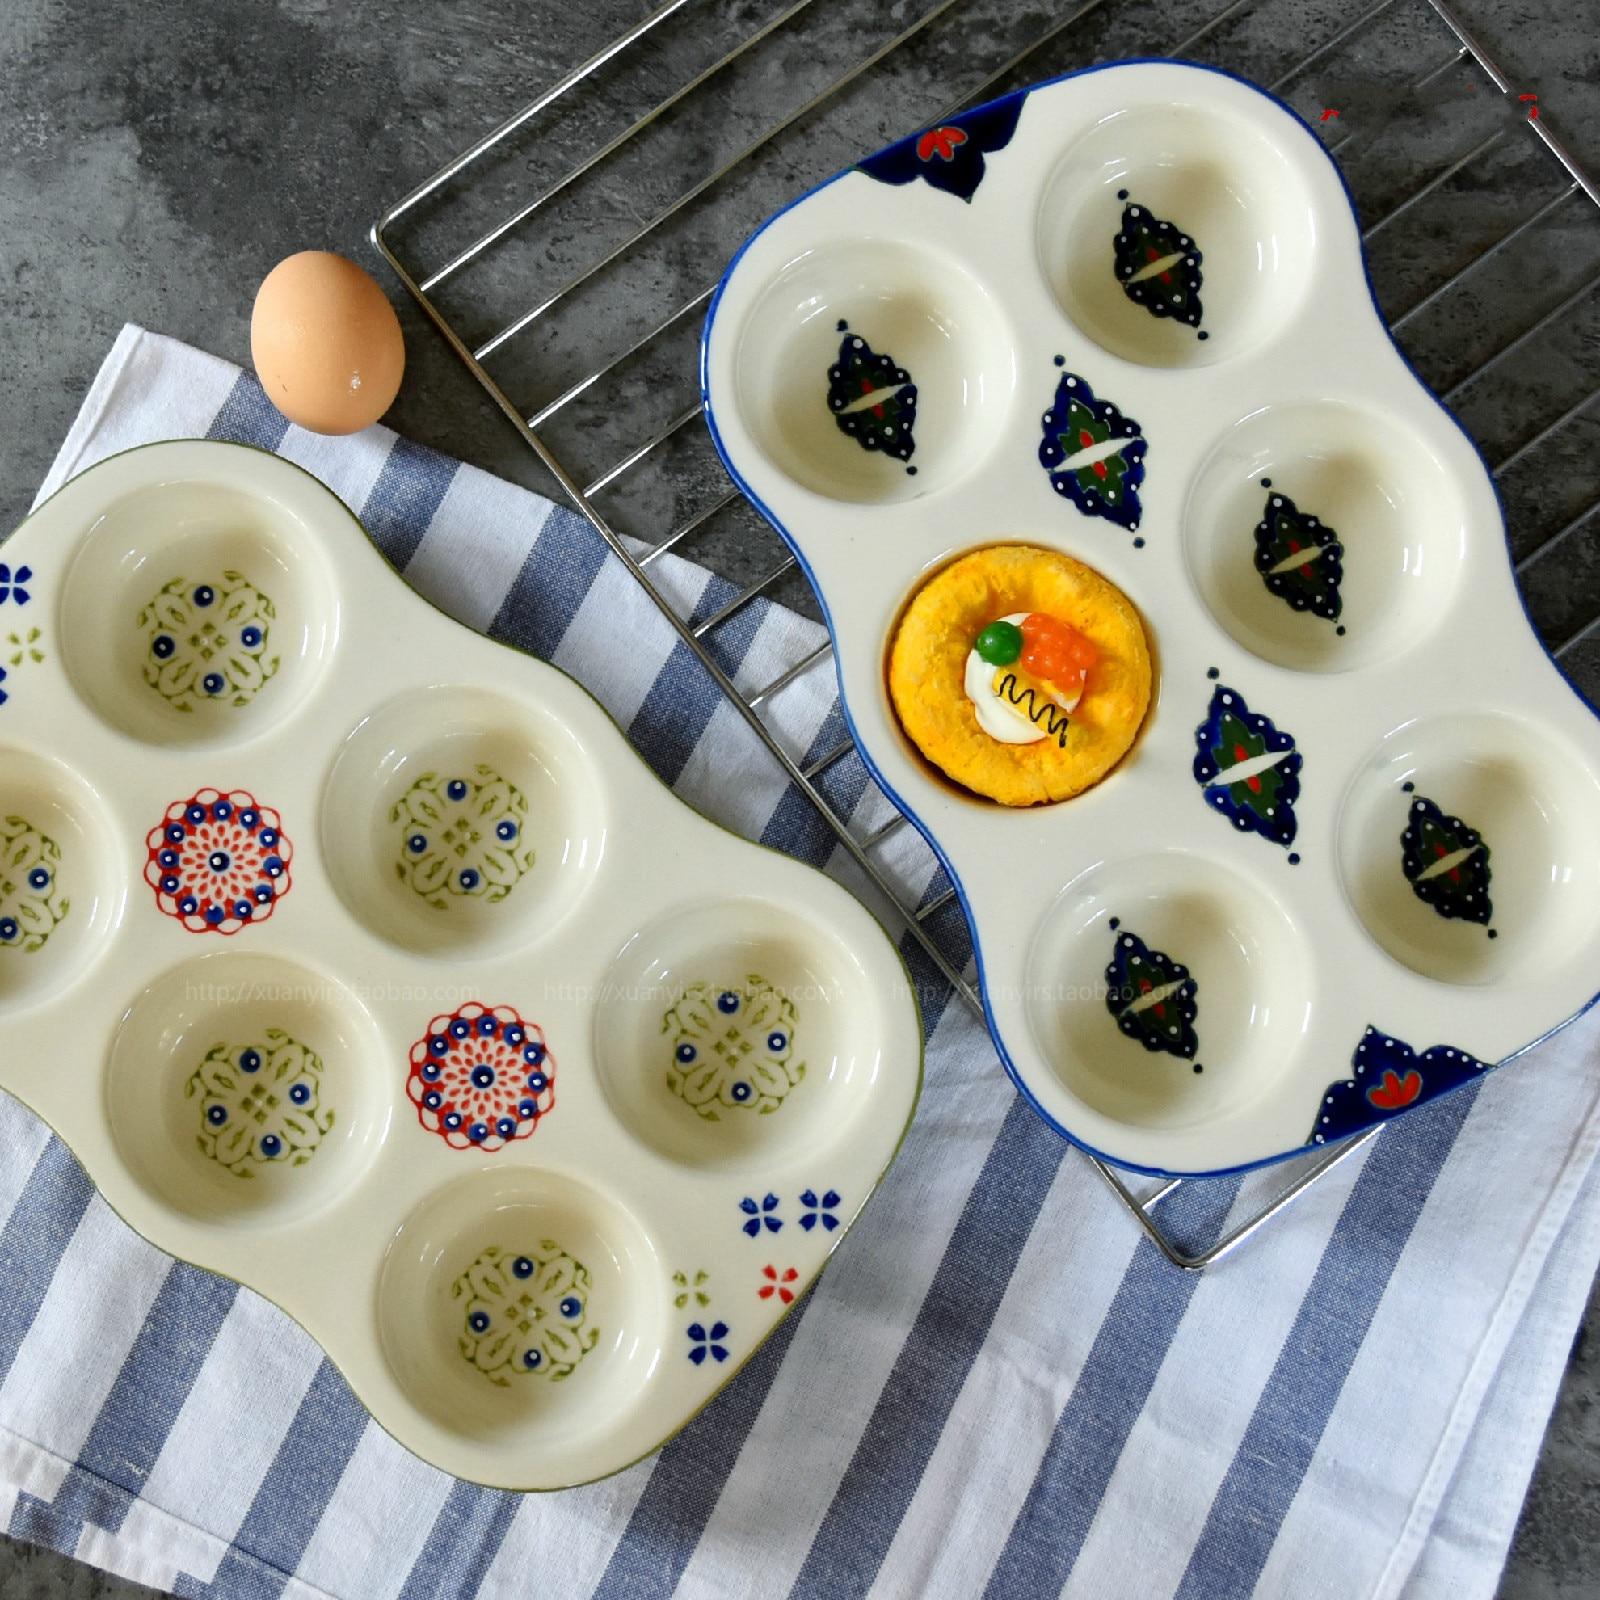 De cerámica creativa Suffrey molde para hornear tartas ronda 6-enlace hornear plato antiadherente taza molde de tarta magdalenas horno hornear sartenes